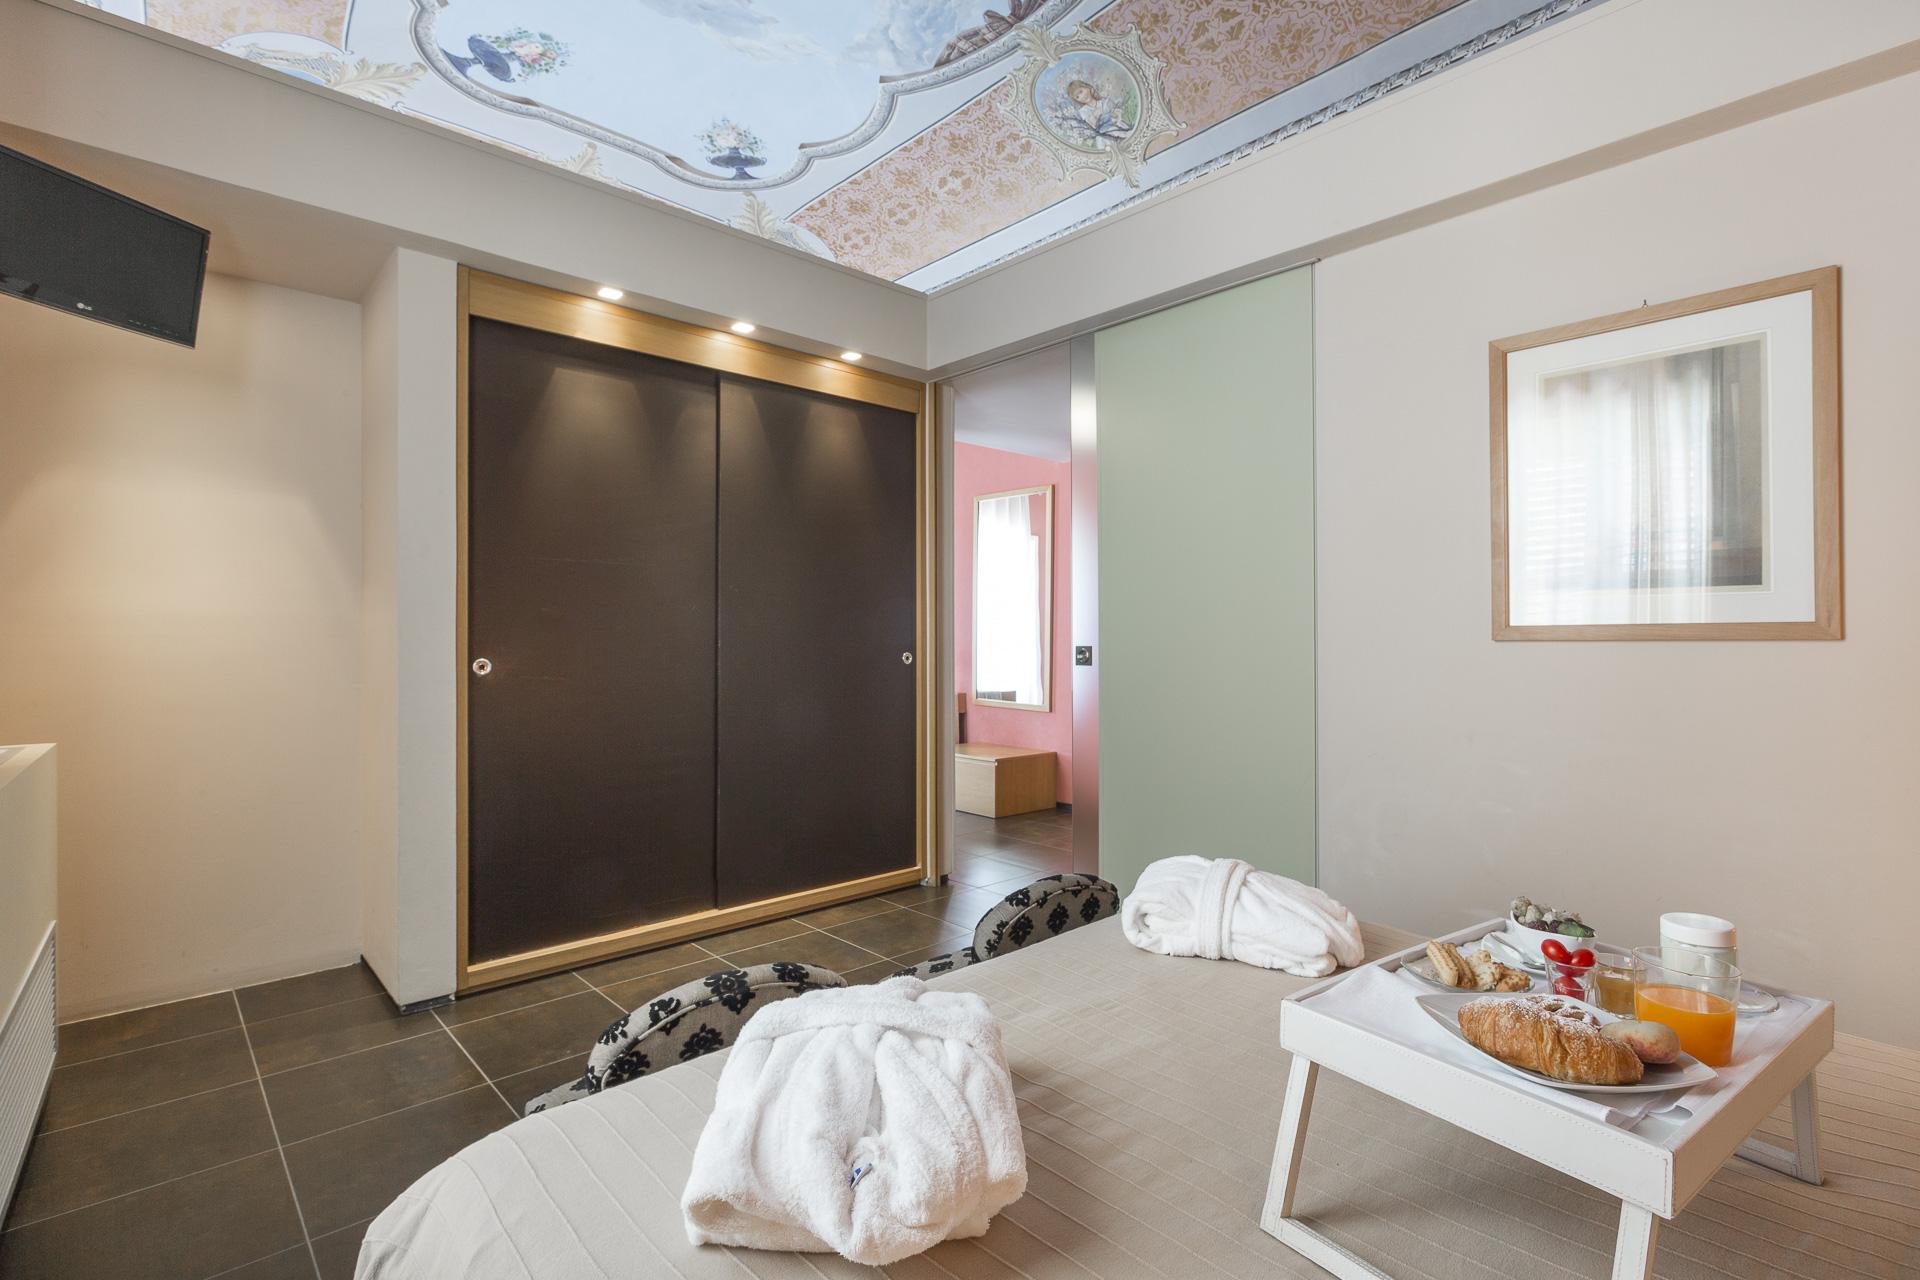 Colazione in camera | Hotel900 4stelle superior | Scicli